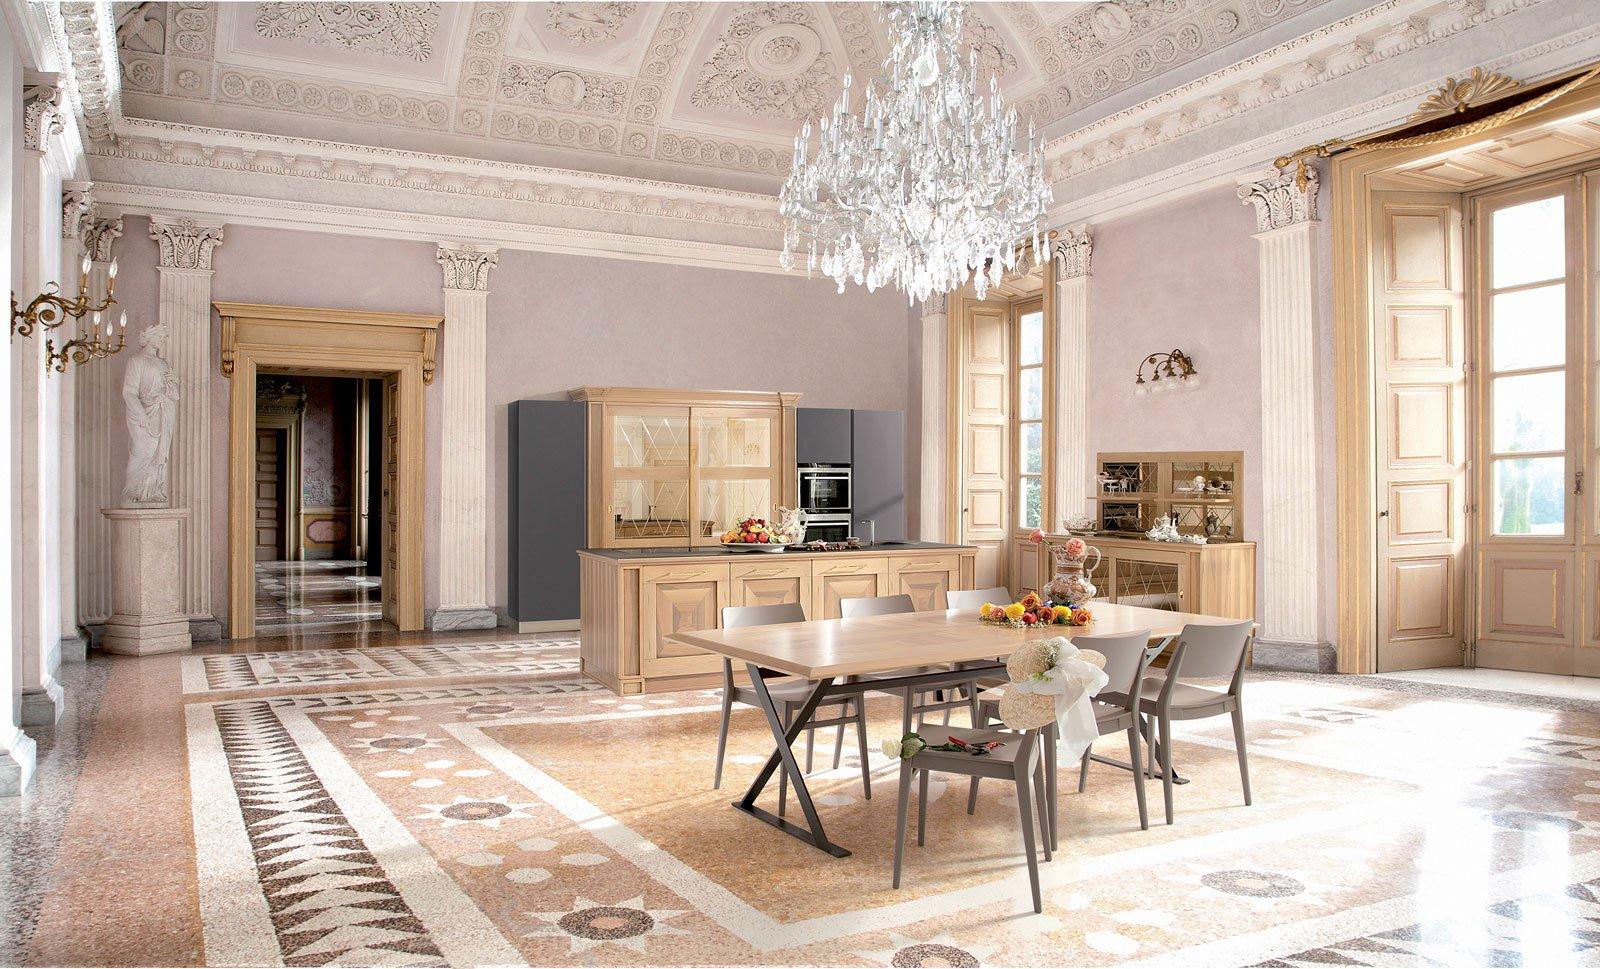 Cucine classiche in legno o laccate cose di casa - Immagini di cucine classiche ...